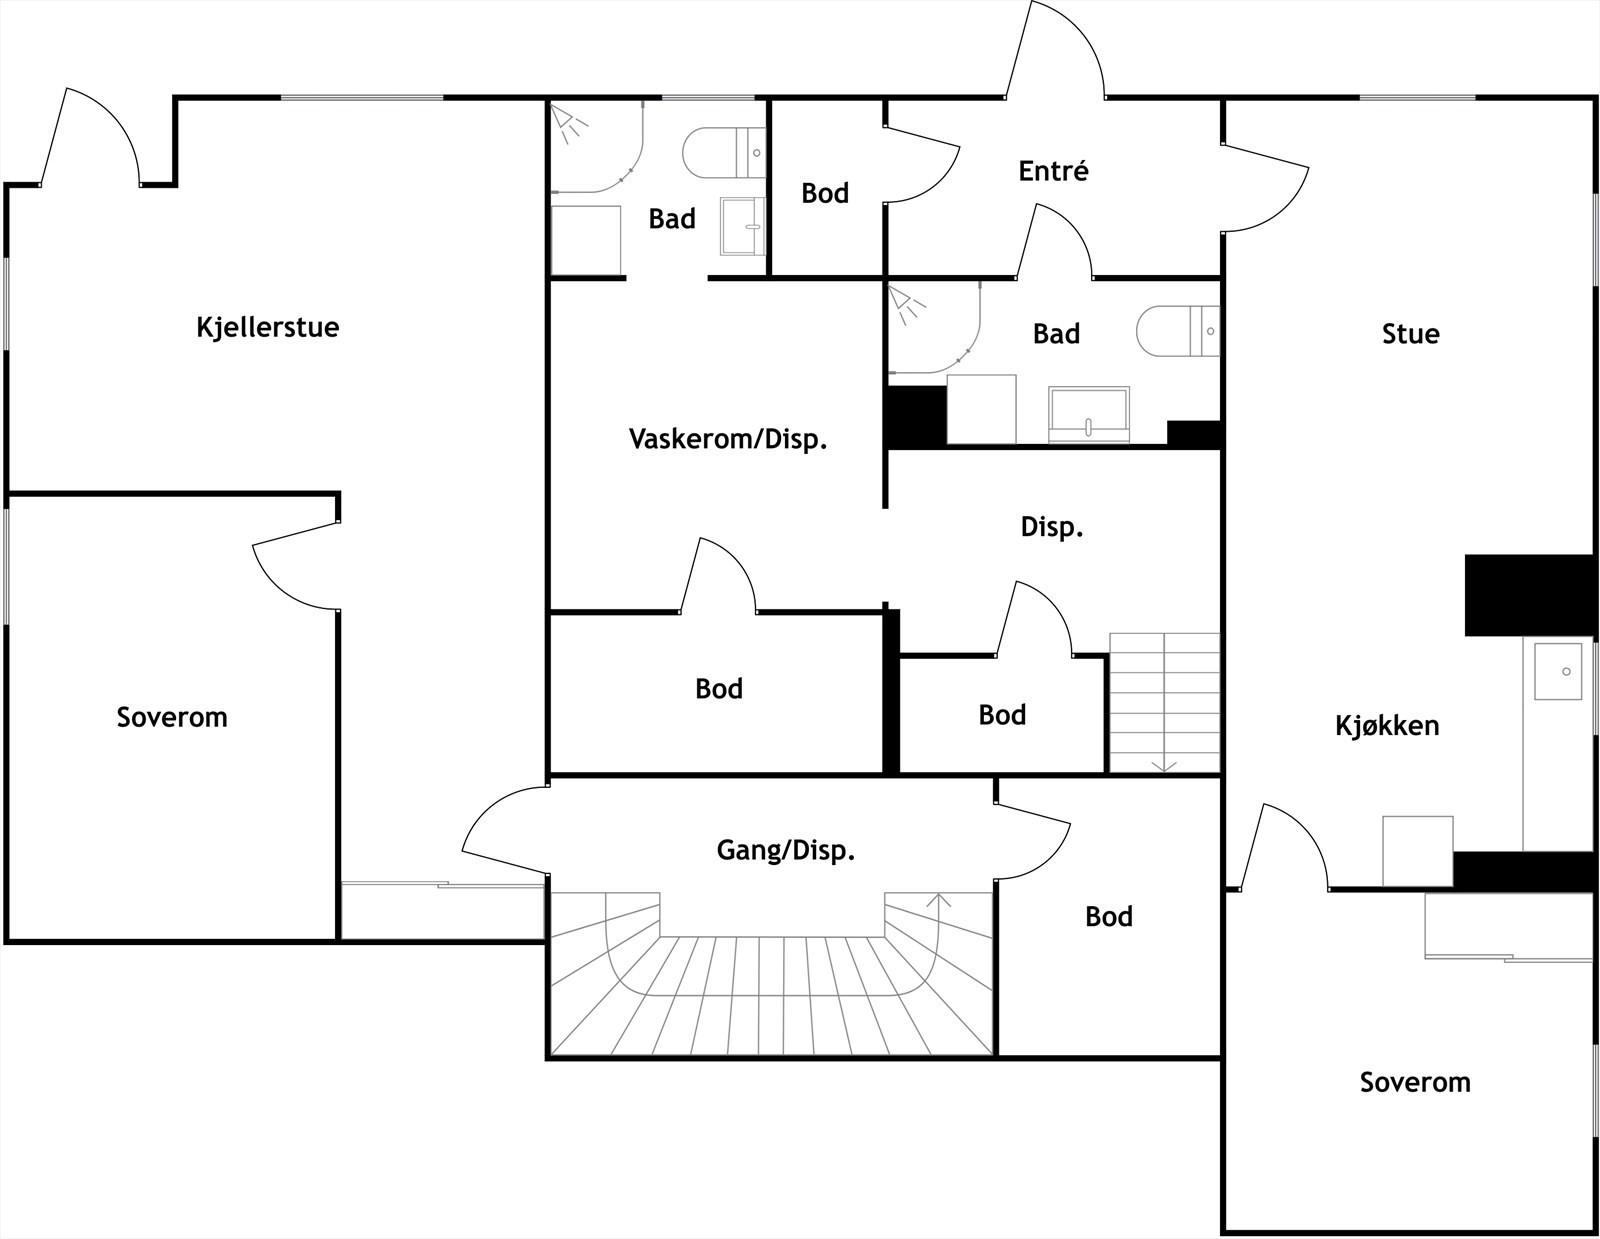 Plantegning u. etasje, 2d